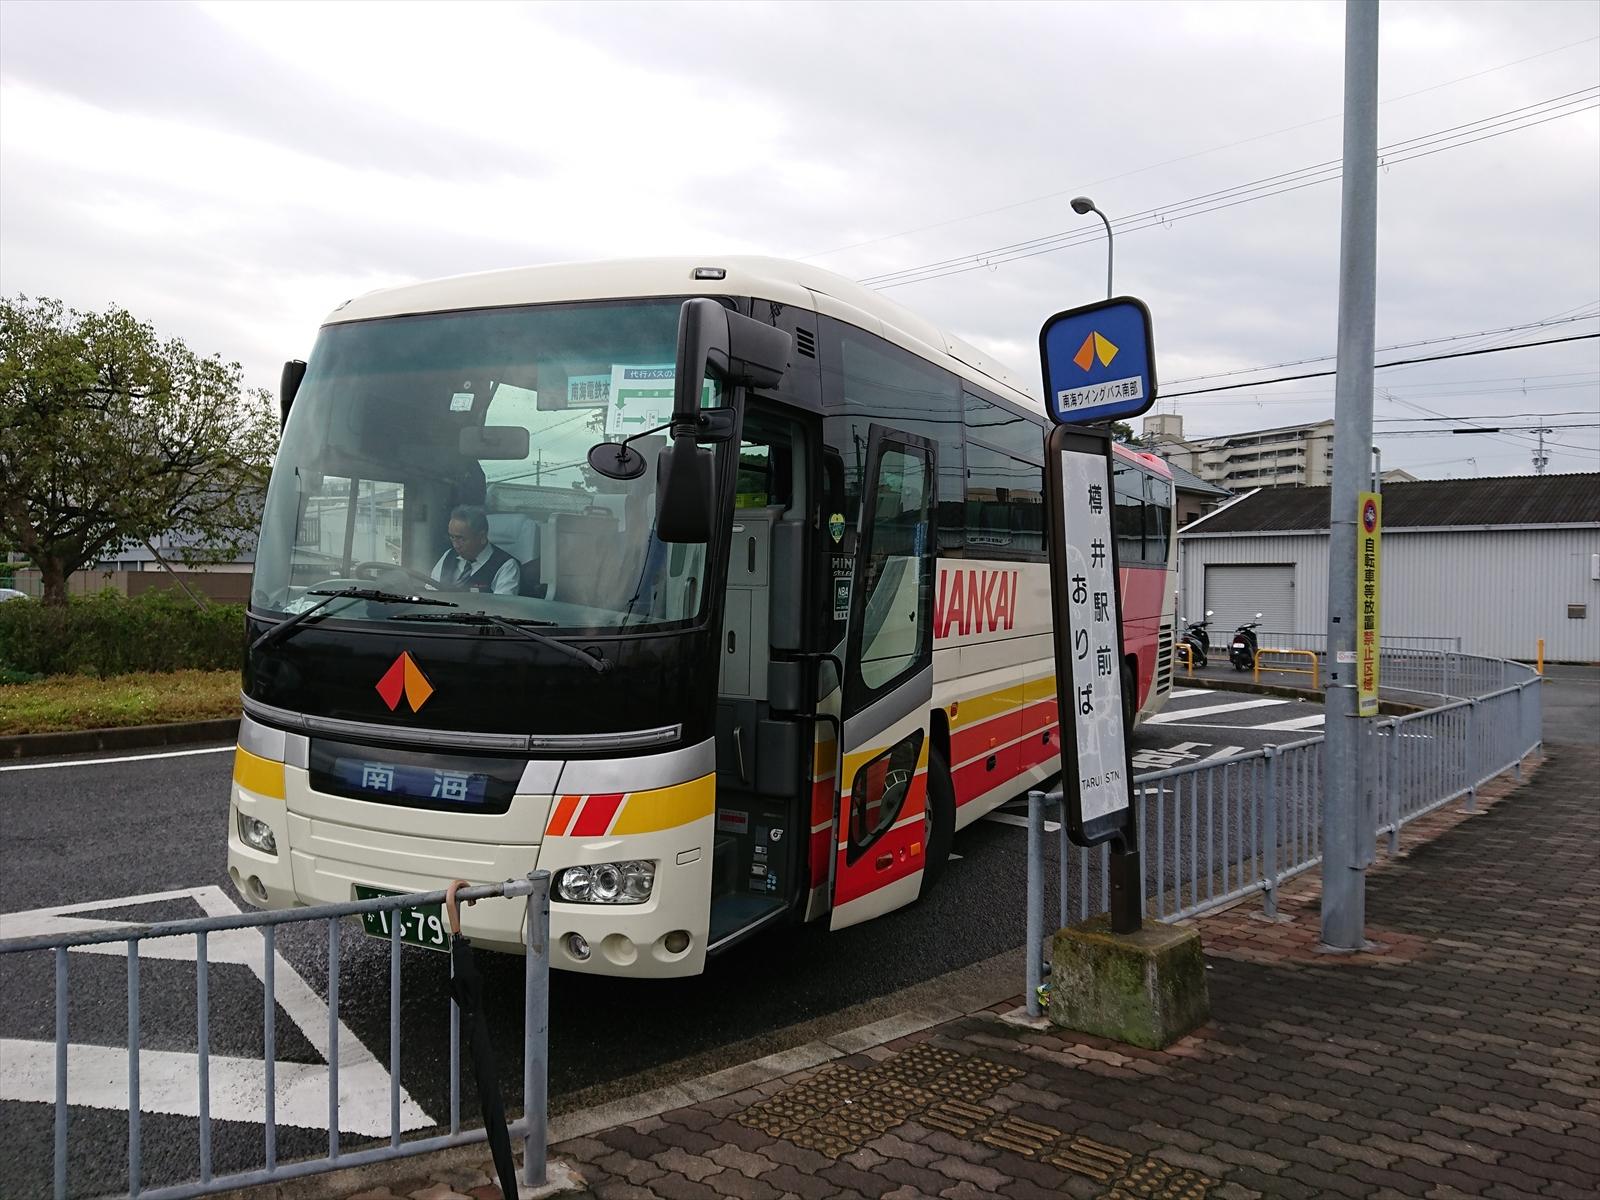 南海 バス 時刻 表 ご利用案内 南海バス 時刻表・運賃・経路検索「かんたん検索」